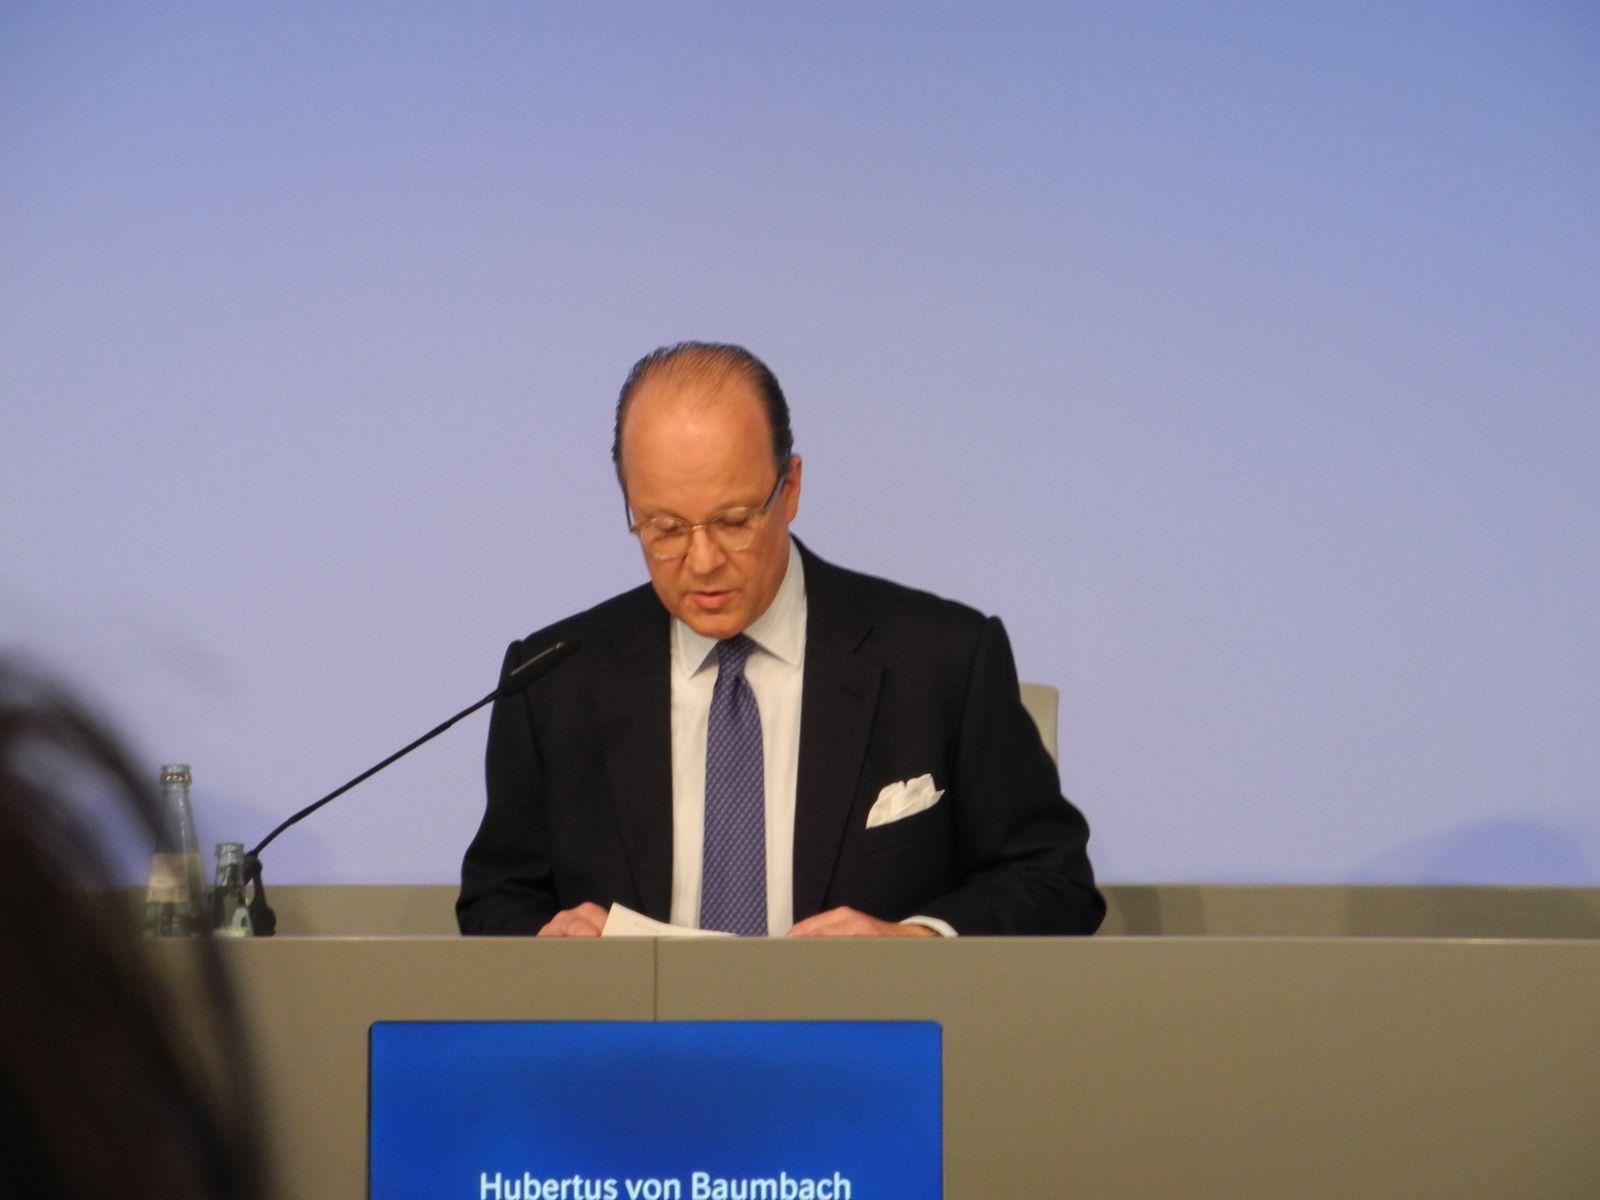 Bilanz-PK Boehringer / Hubertus von Baumbach